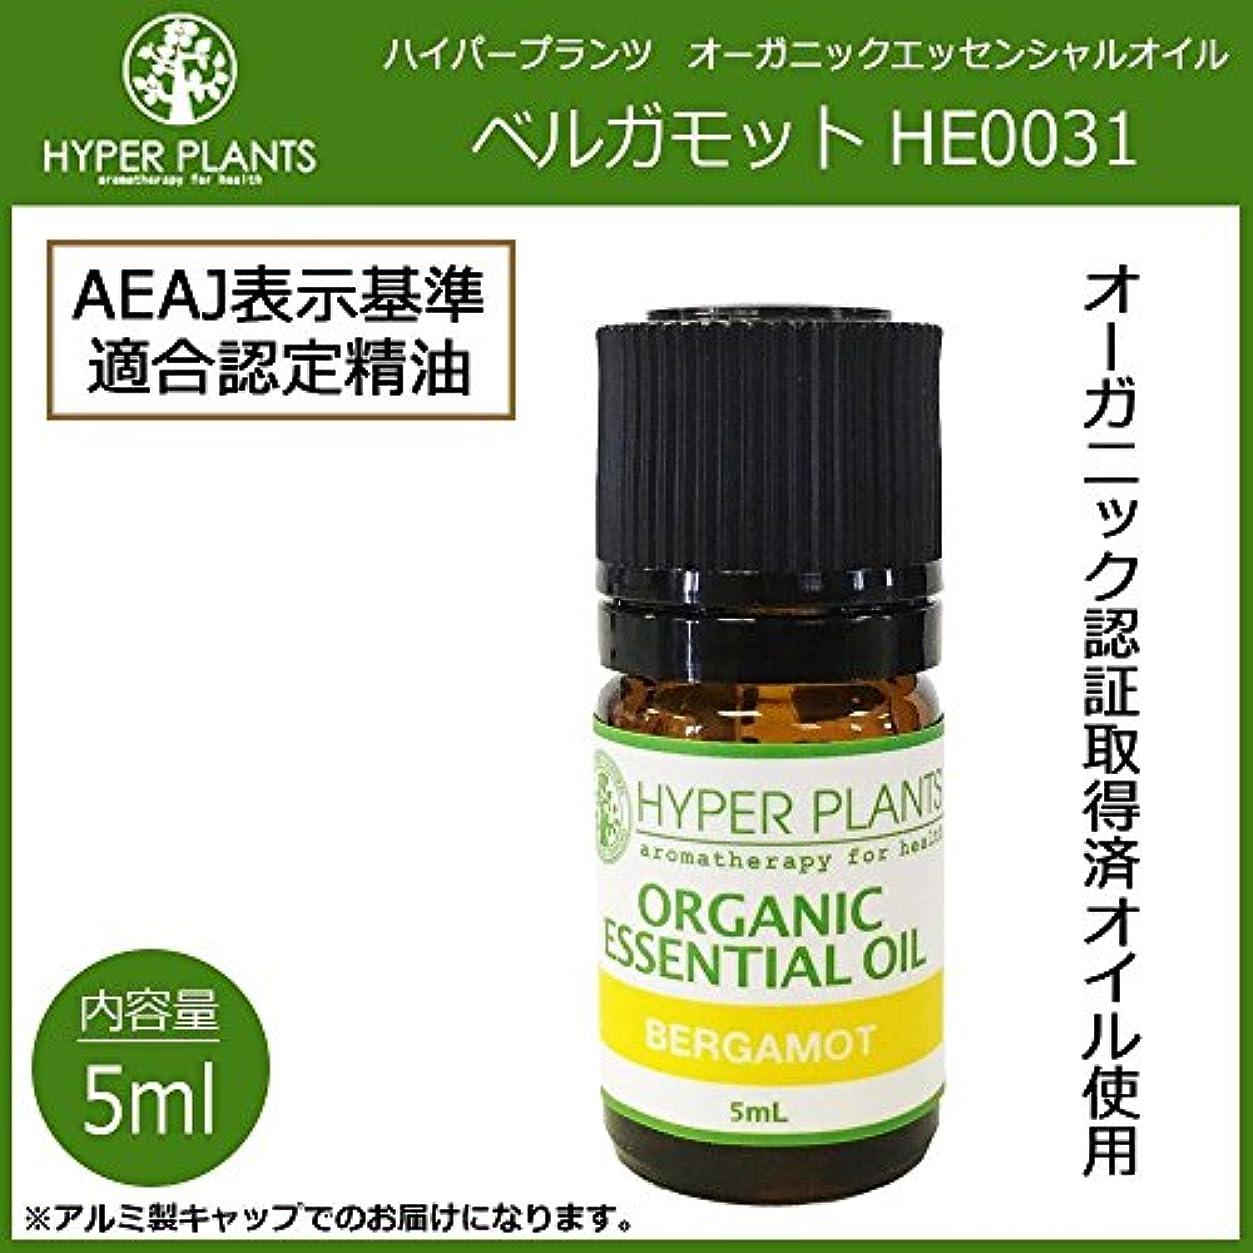 最高本物勢いHYPER PLANTS ハイパープランツ オーガニックエッセンシャルオイル ベルガモット 5ml HE0031